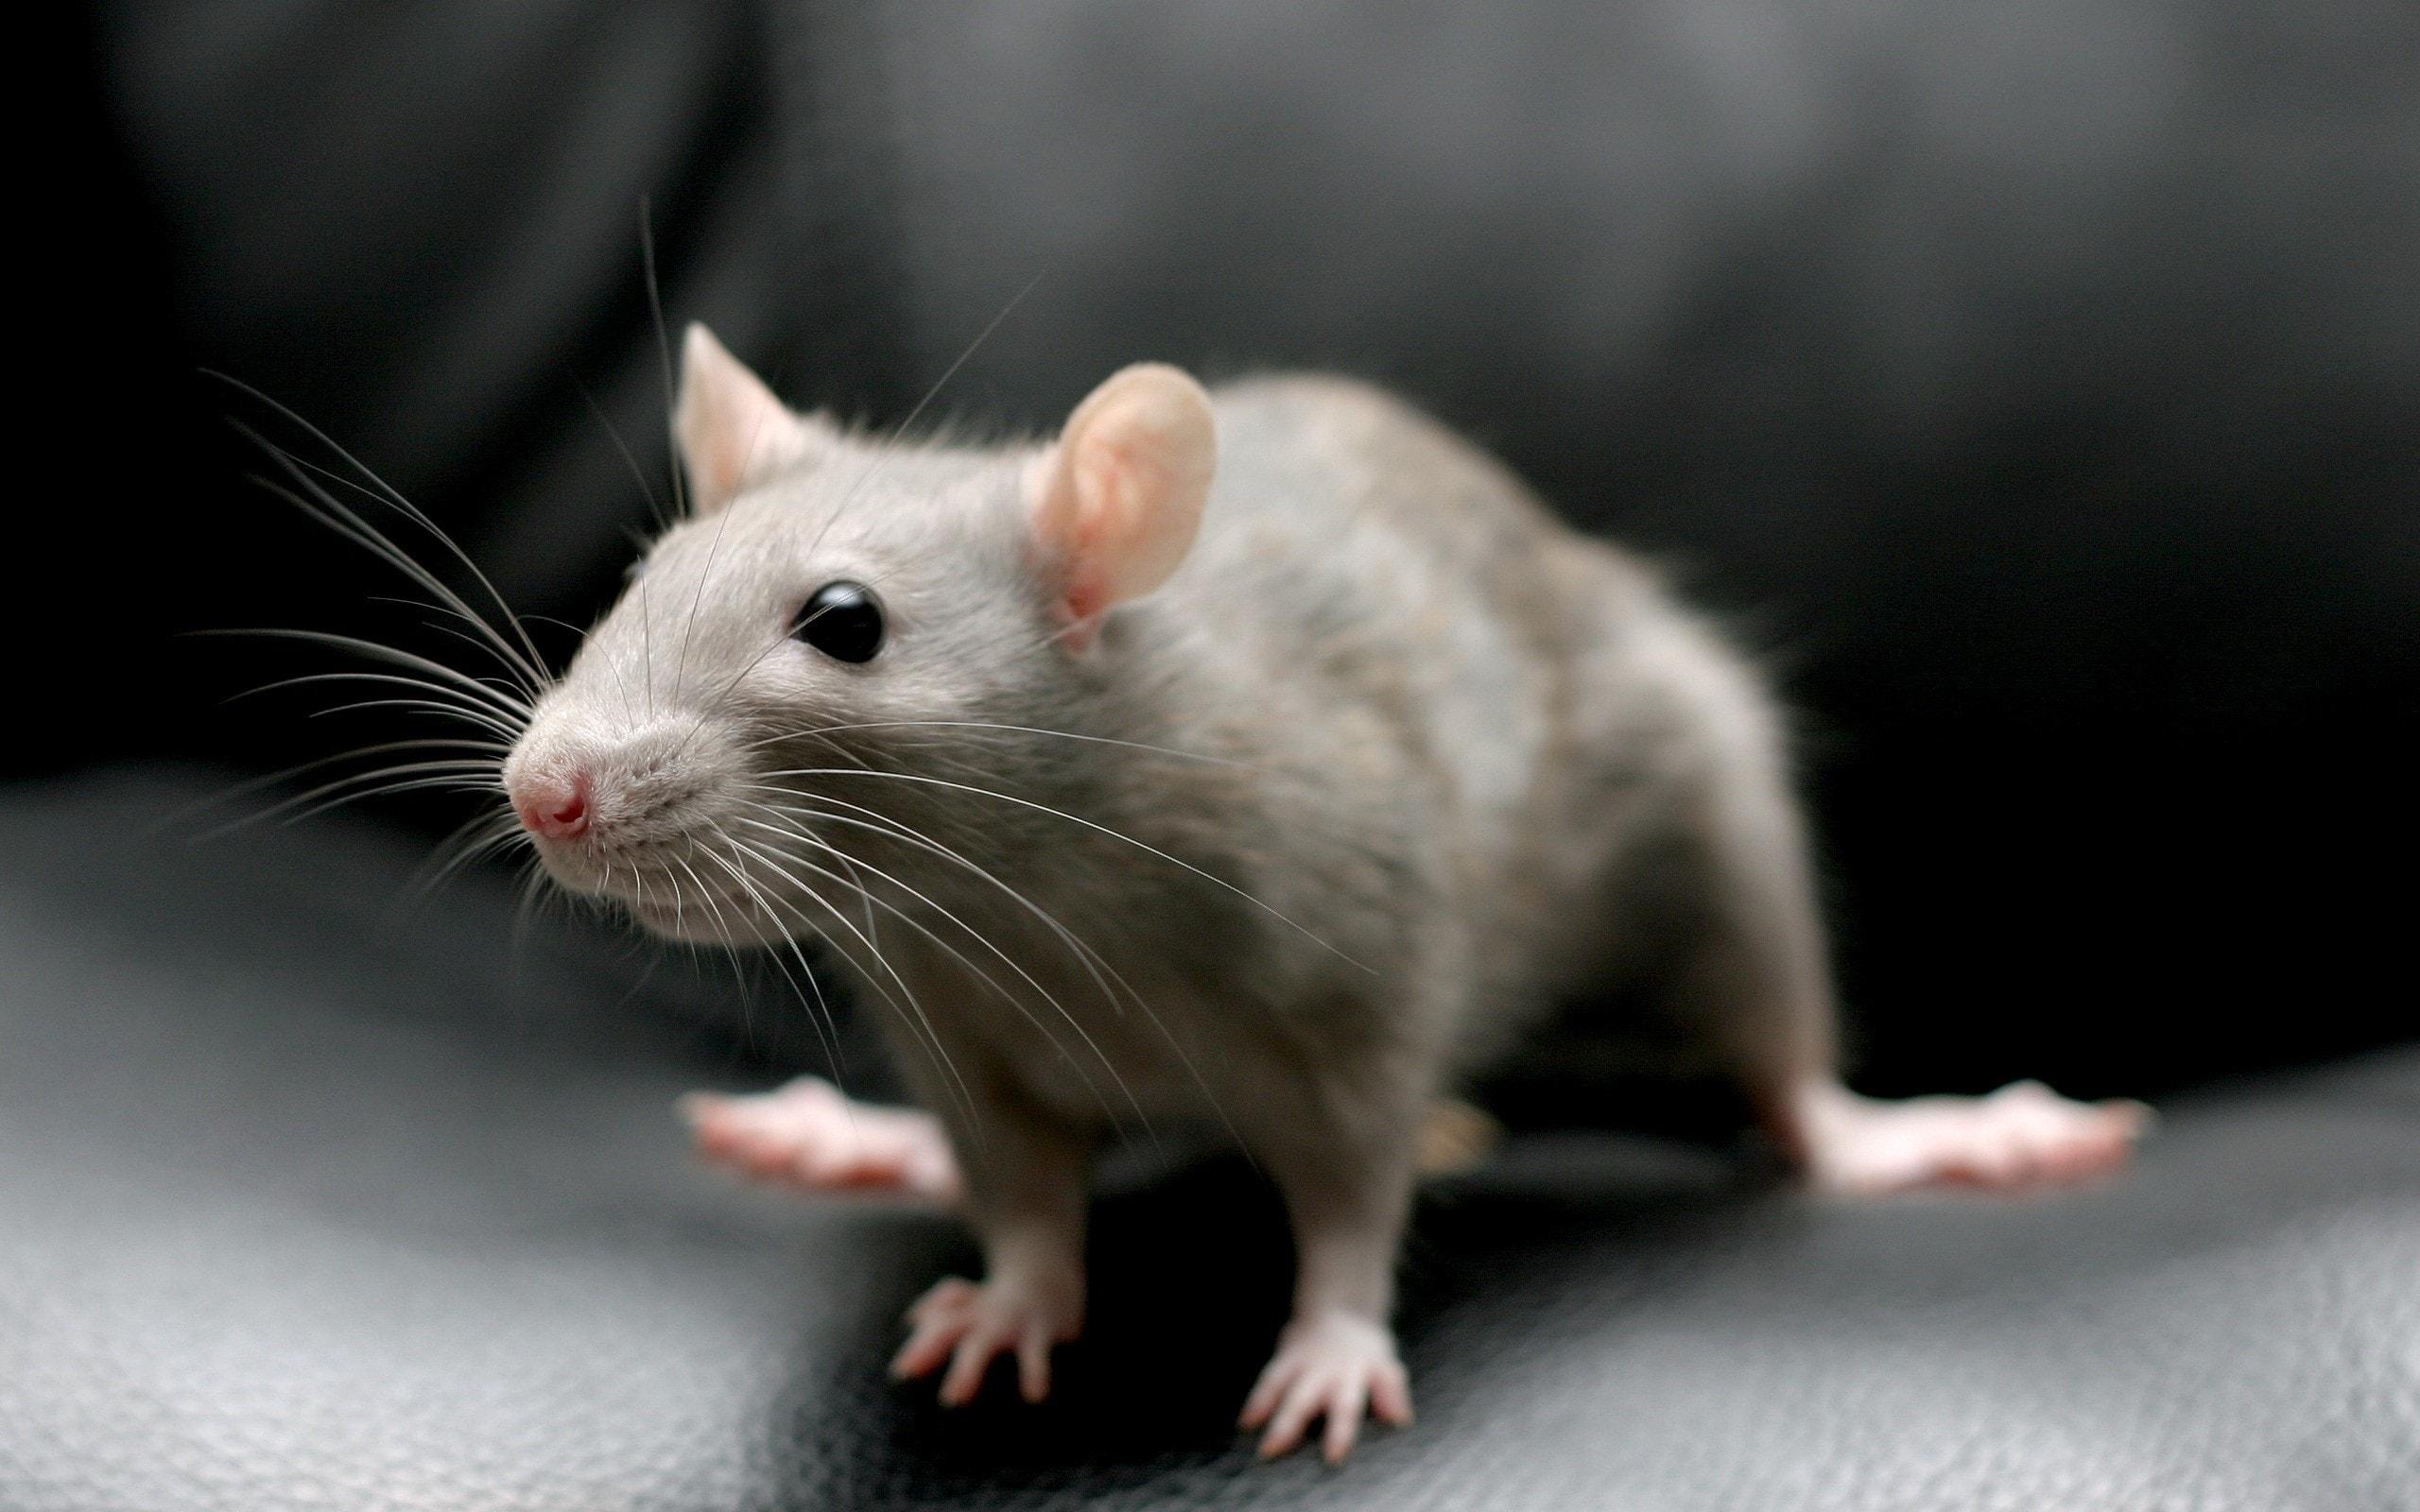 Rat full hd wallpapers